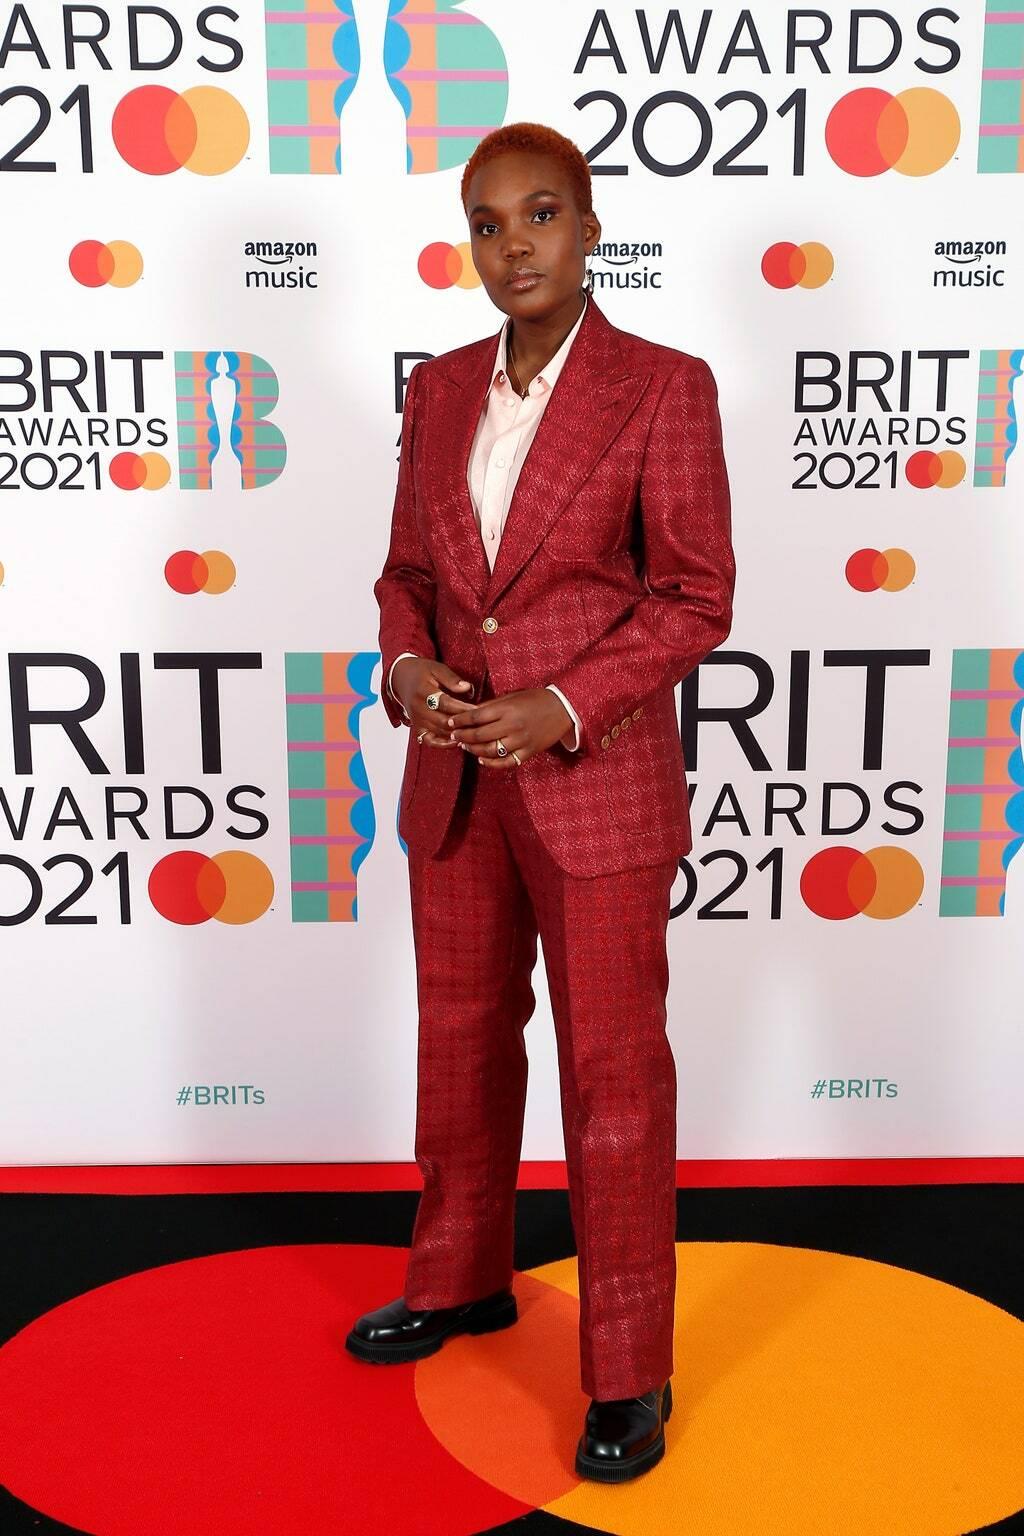 Арло Паркс на премии BRIT Awards 2021